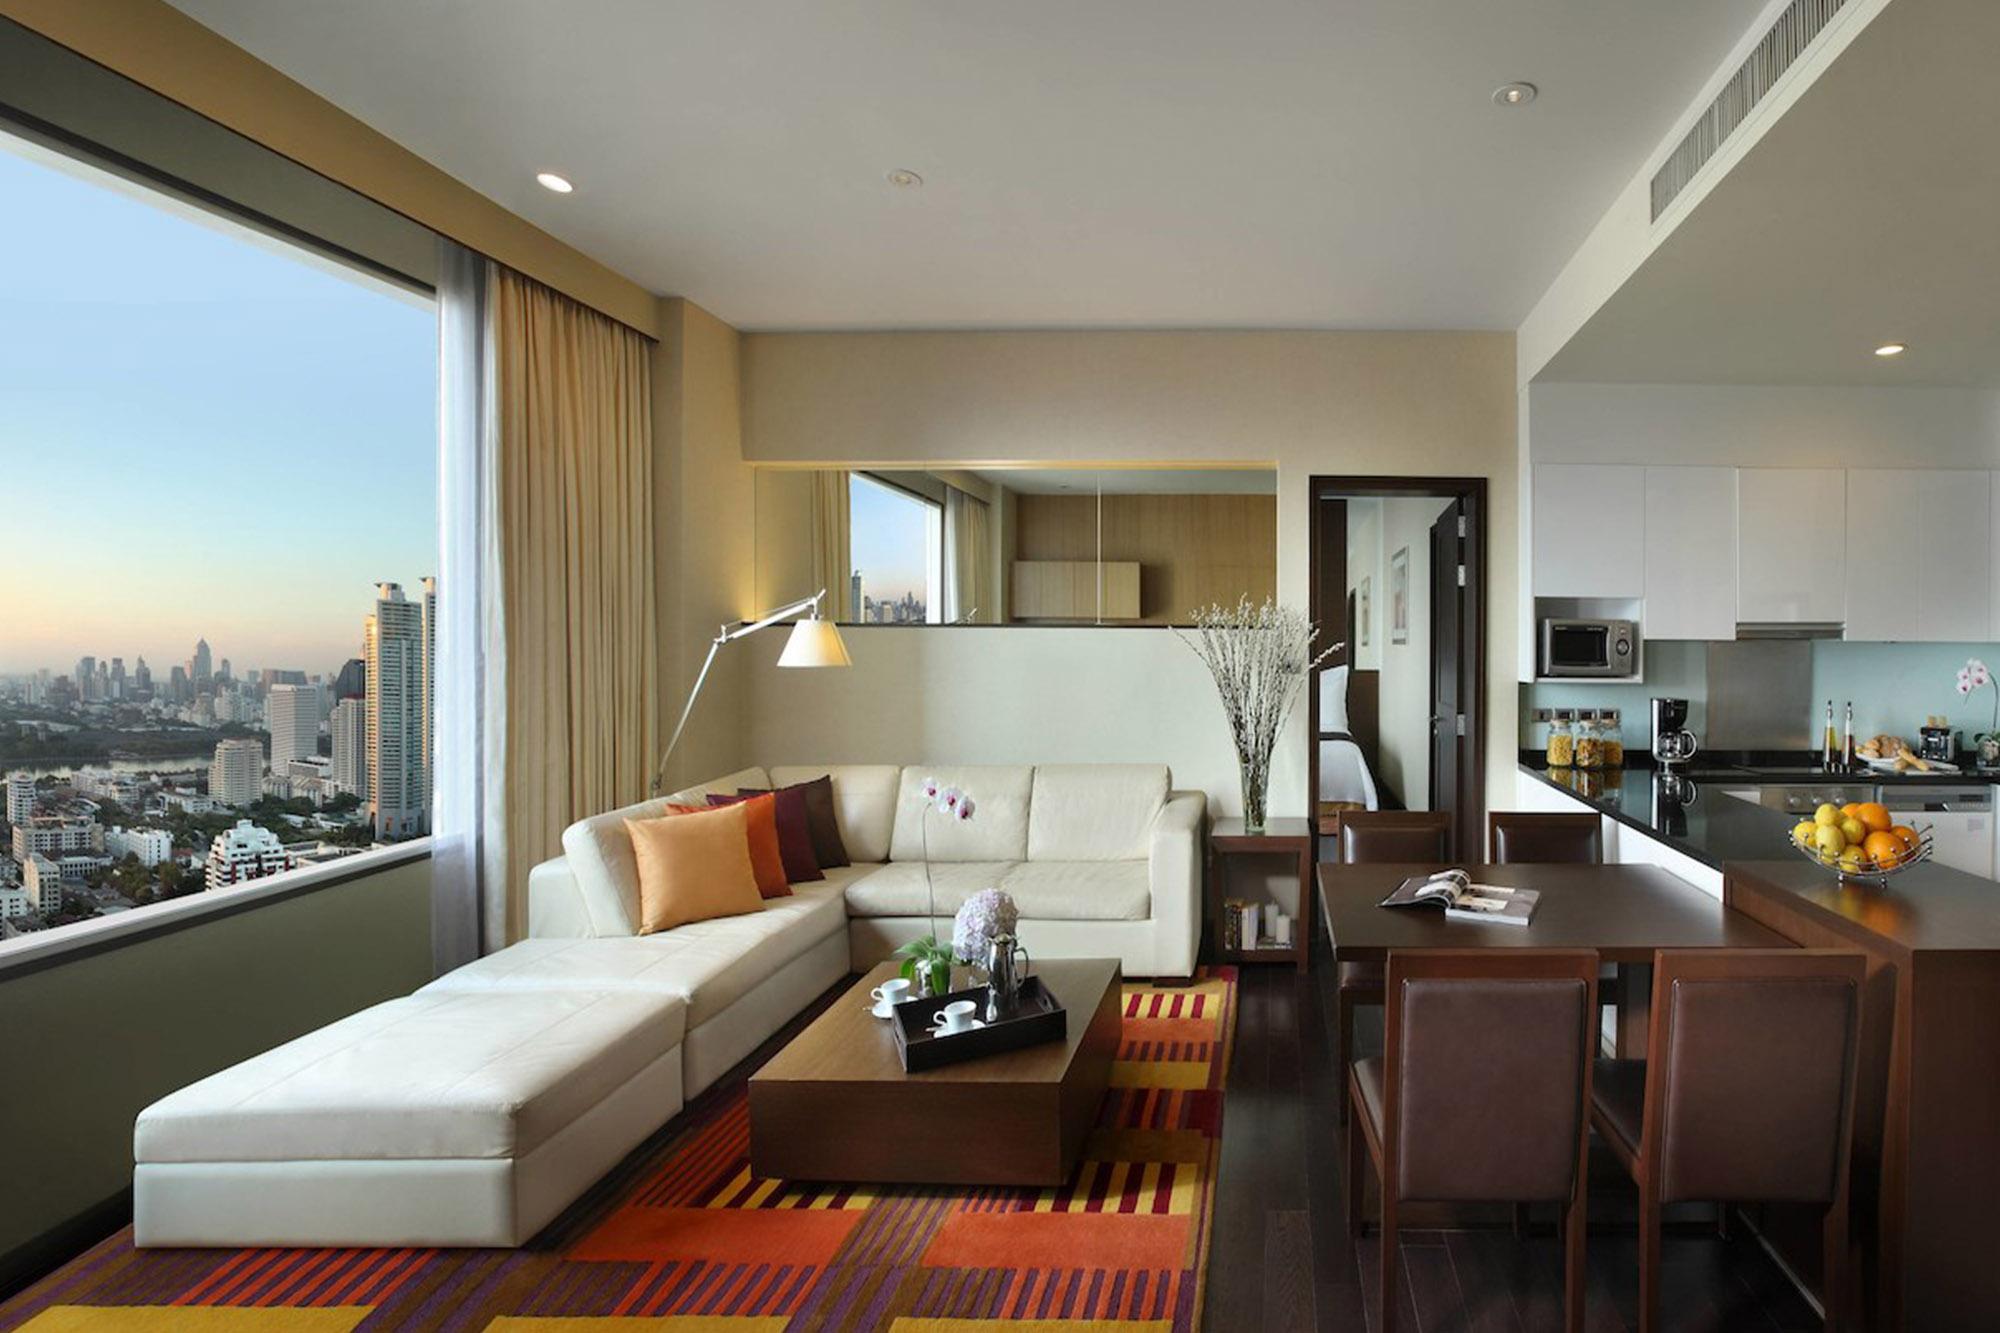 素坤逸公園萬豪行政公寓酒店 sukhumvit-park-bangkok-marriott-executive-apartments 曼谷市區 五星酒店 萬豪行政公寓酒店 Phrom Phong 酒店